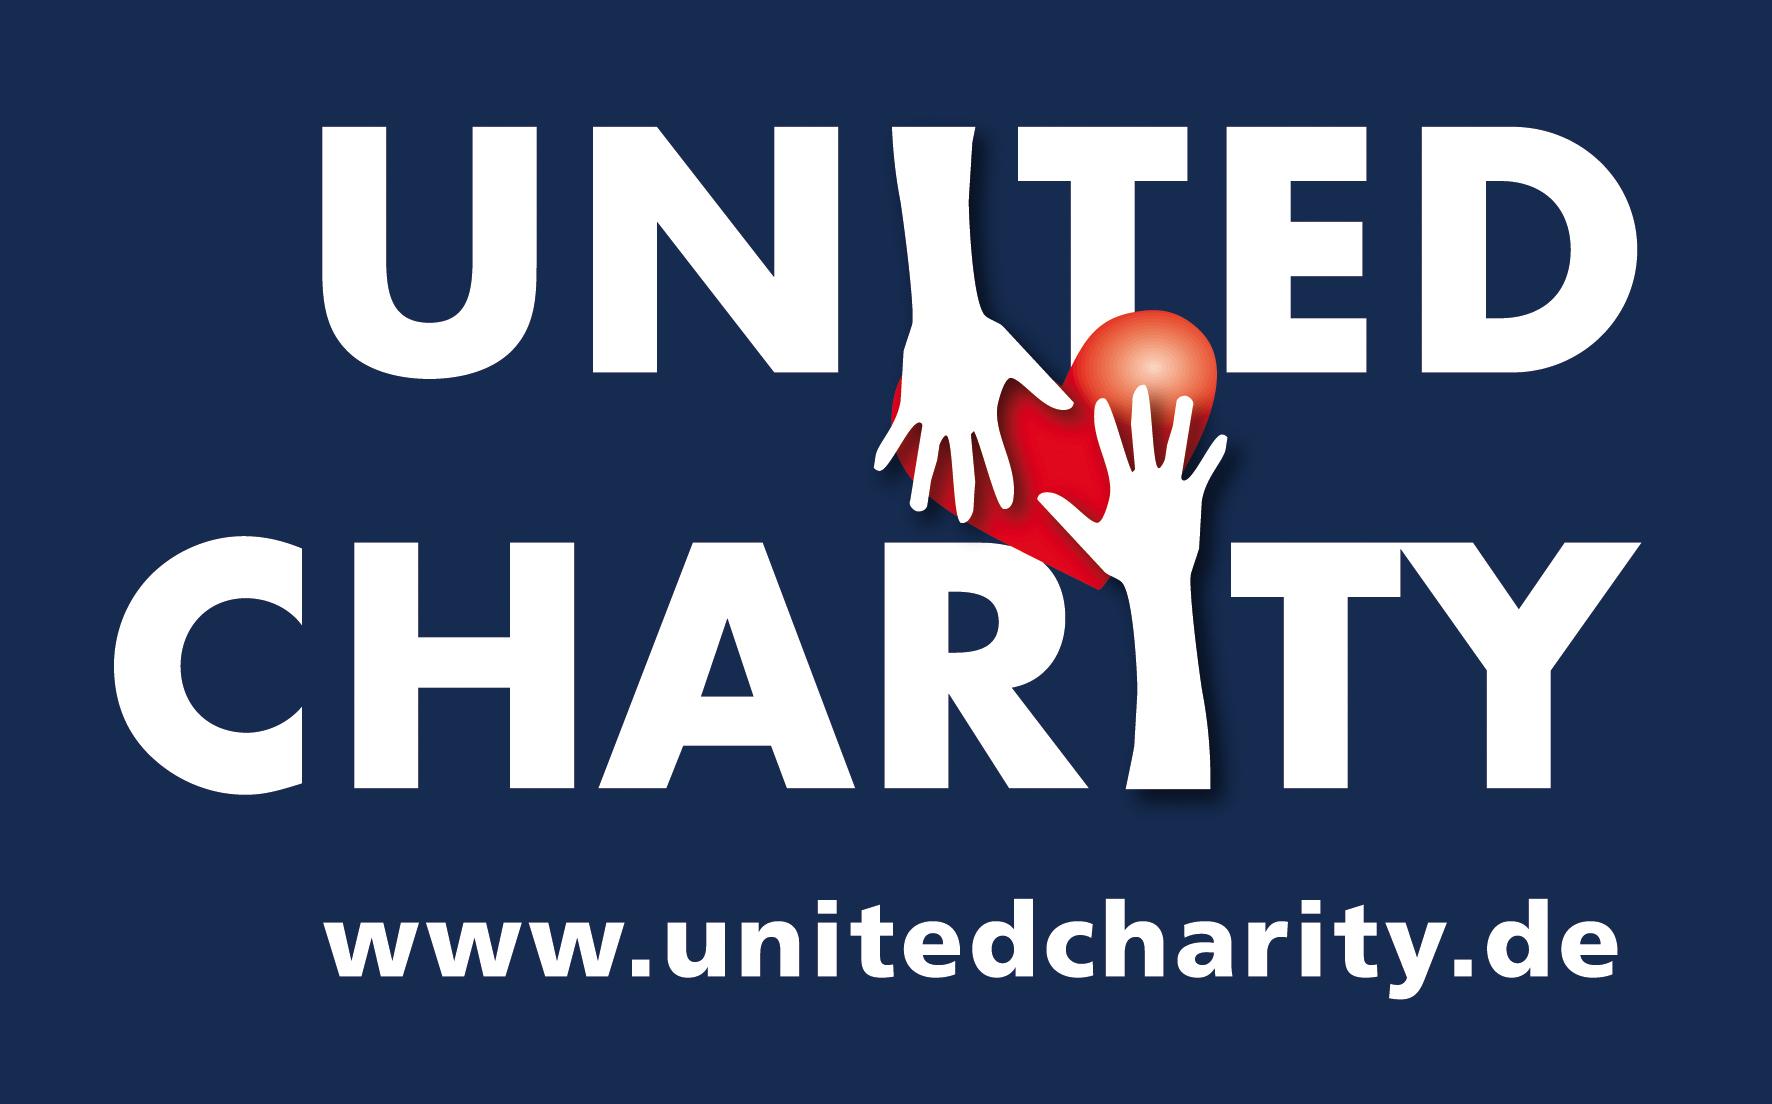 Charity auktionen